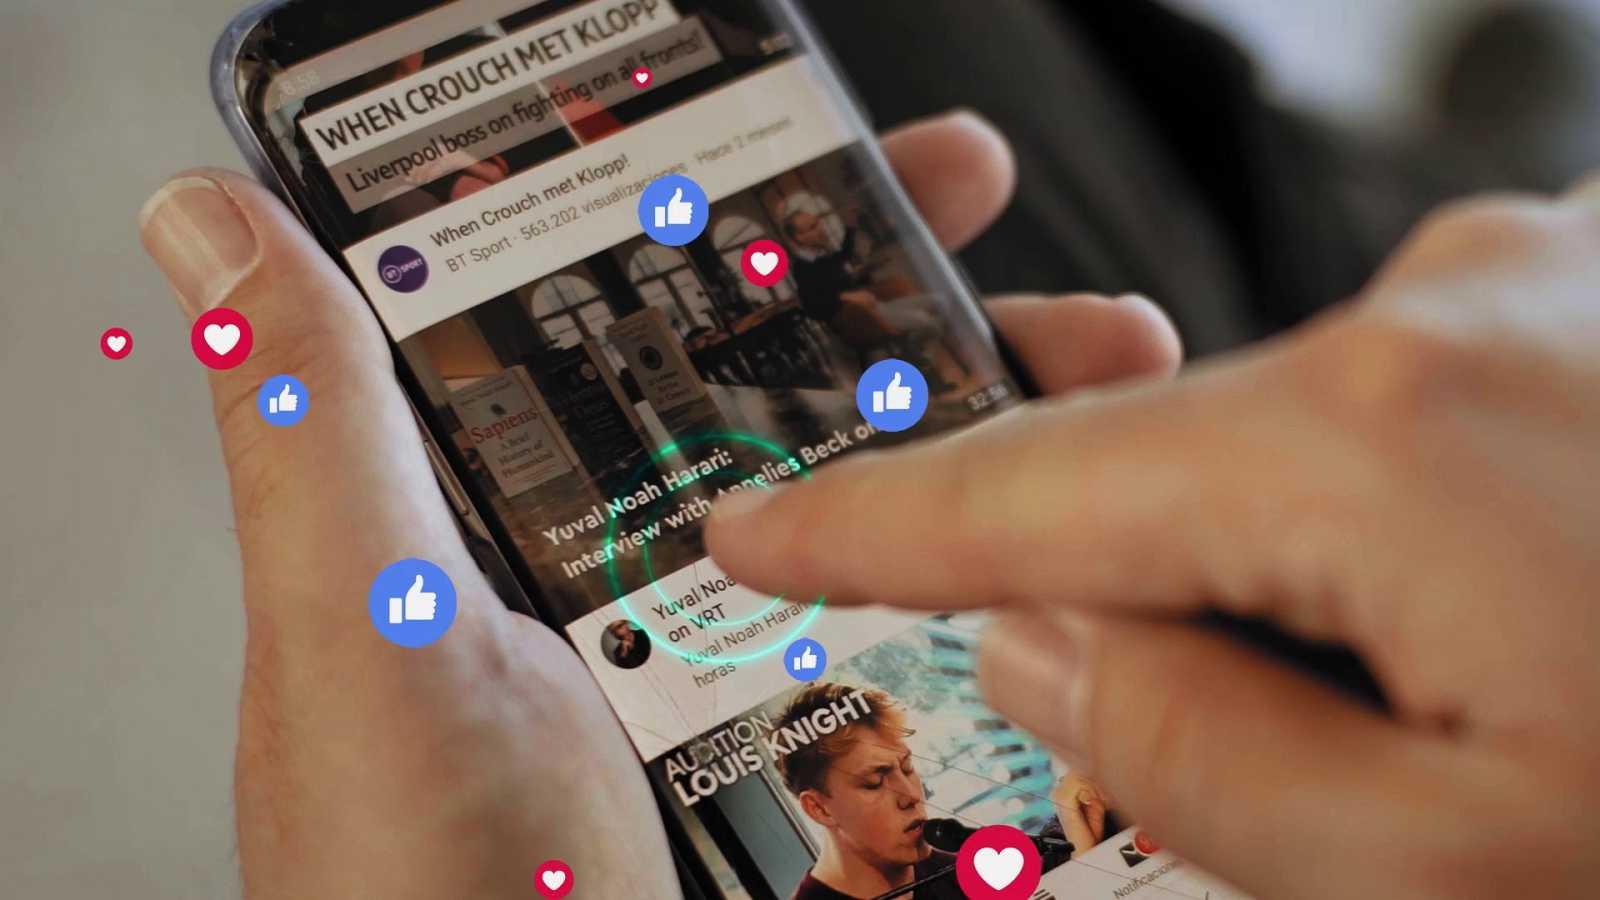 Actividad en redes sociales monitorizada